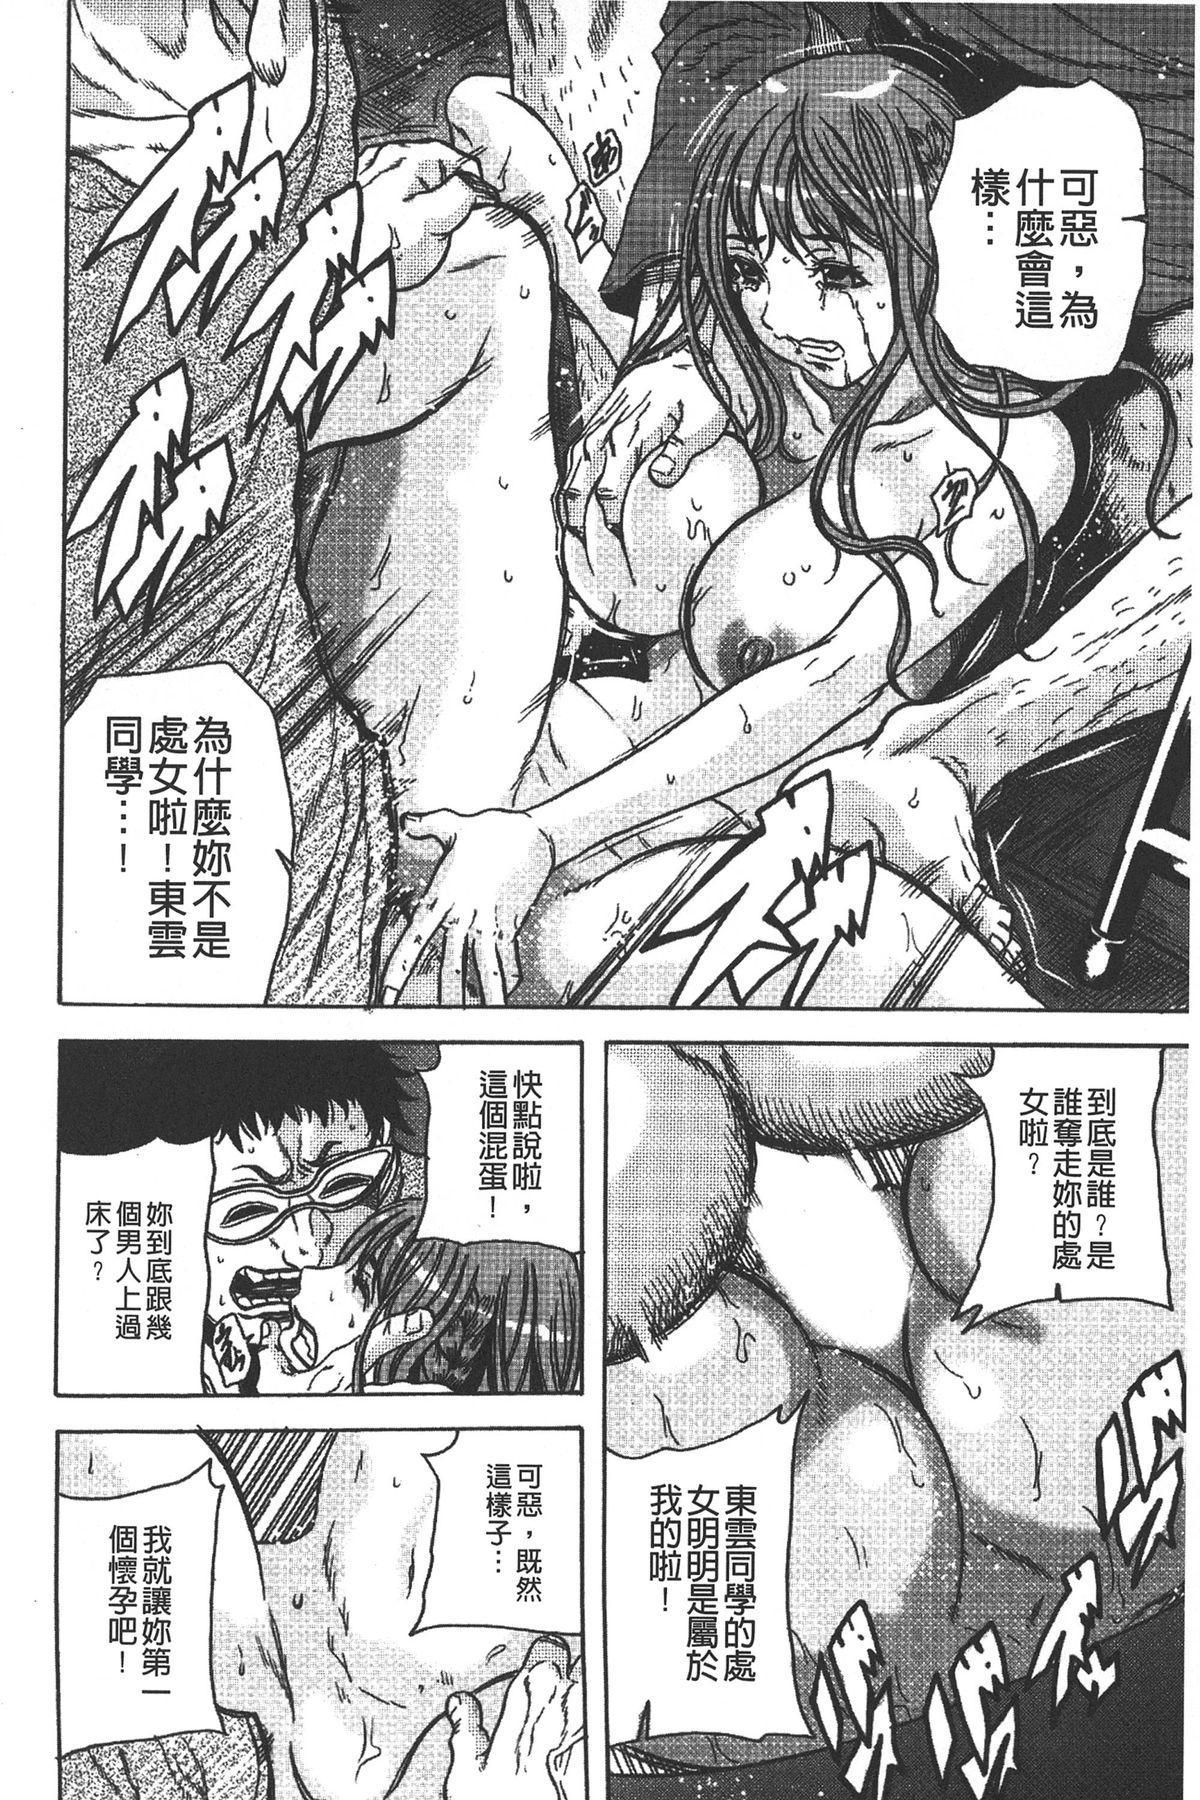 Ryoujoku Kyoushitsu 78